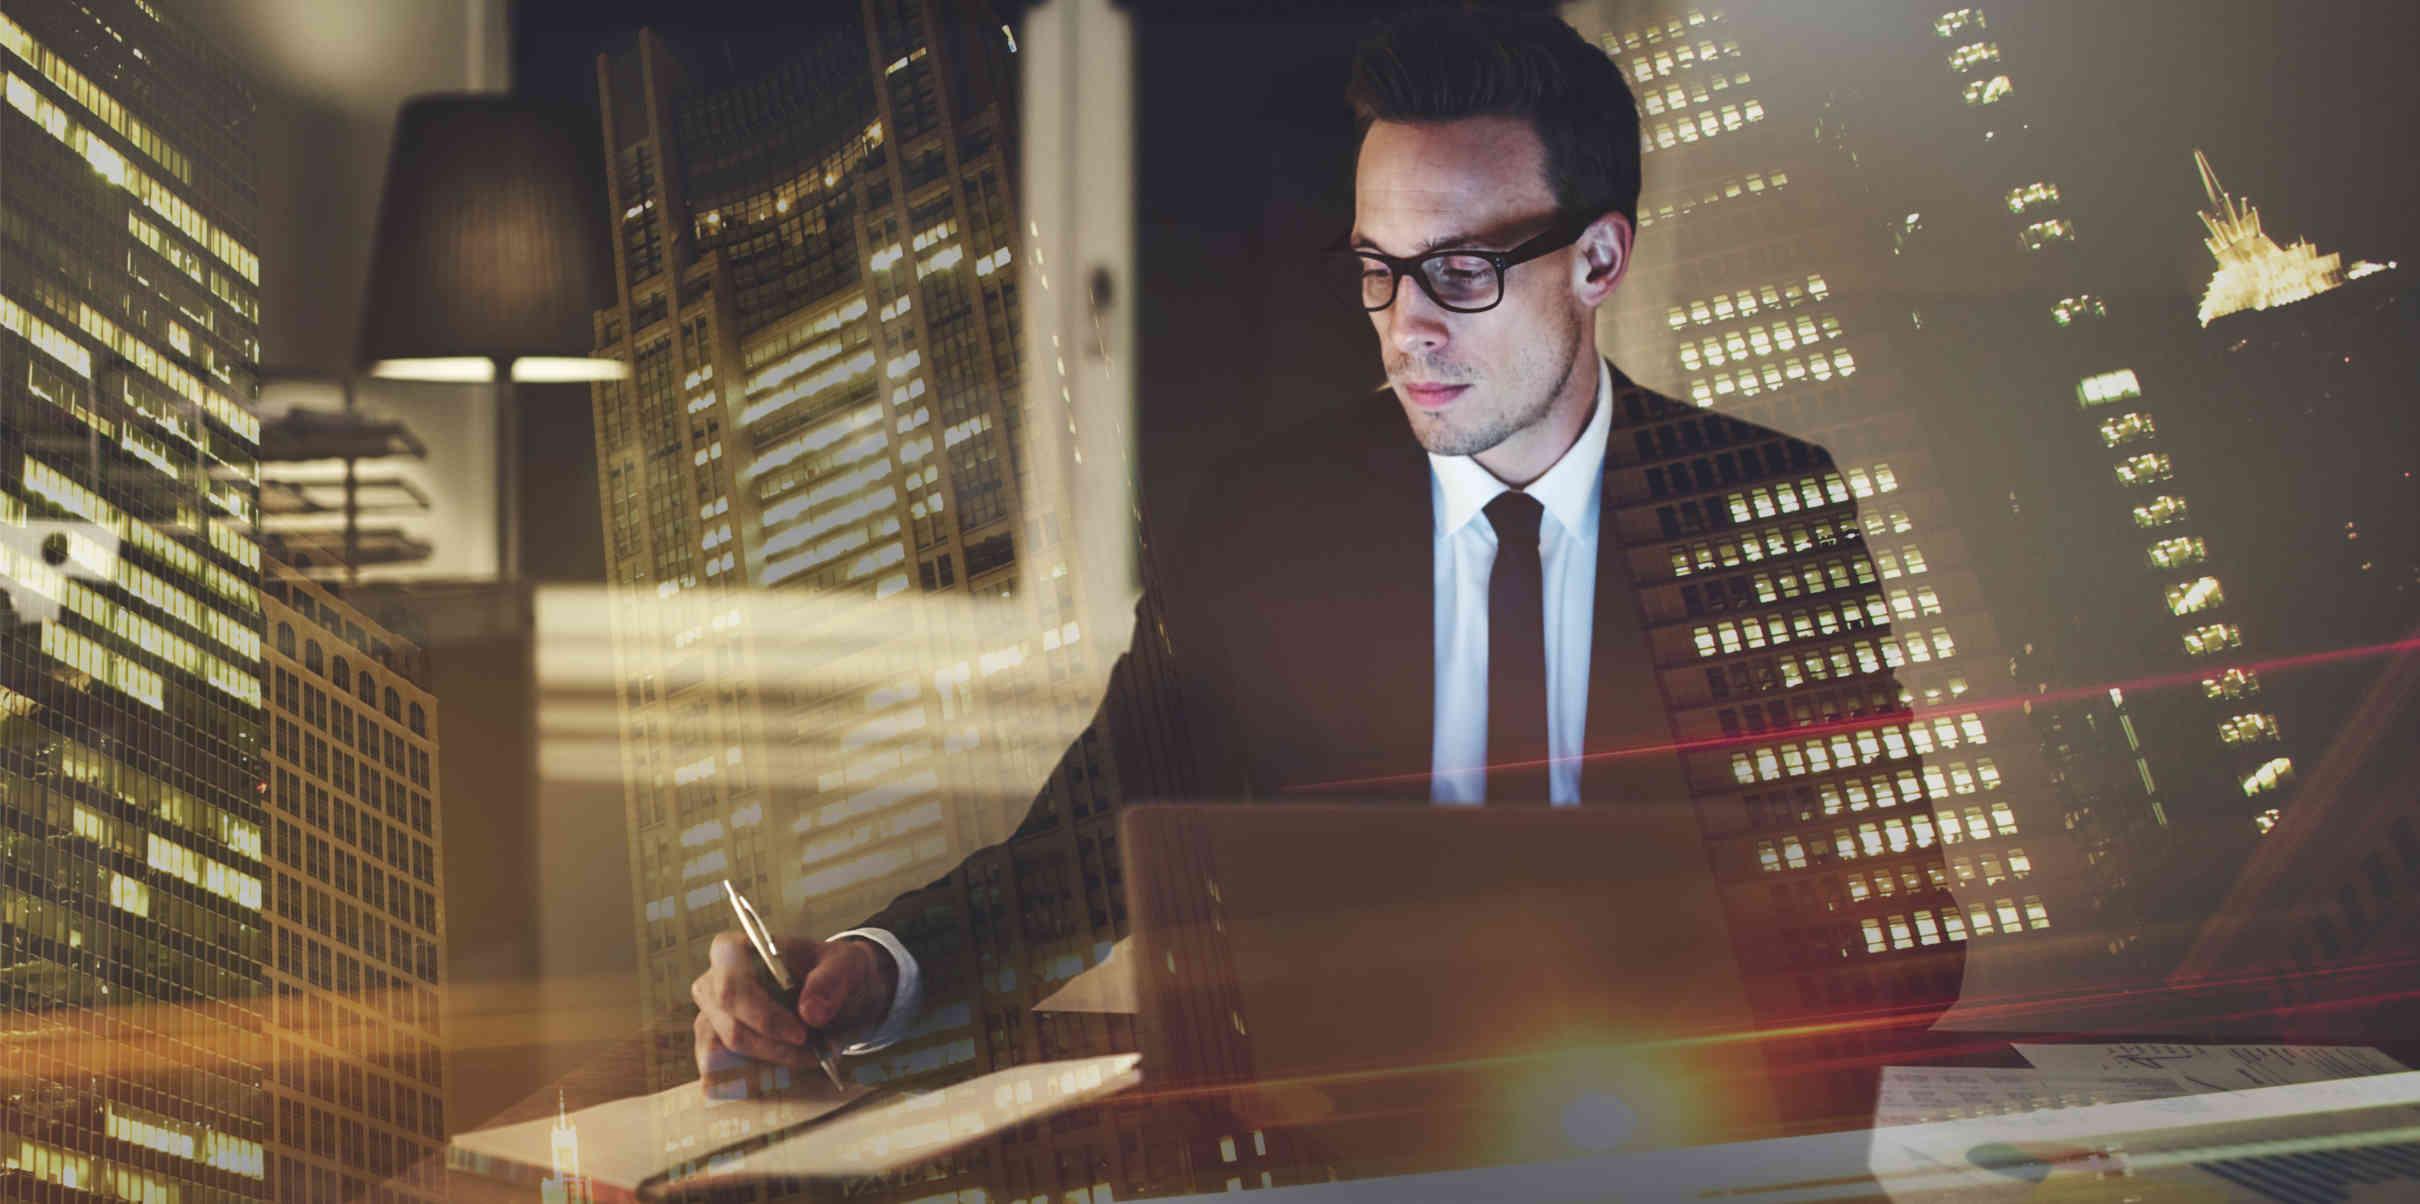 Smart Contracts homem escrevendo